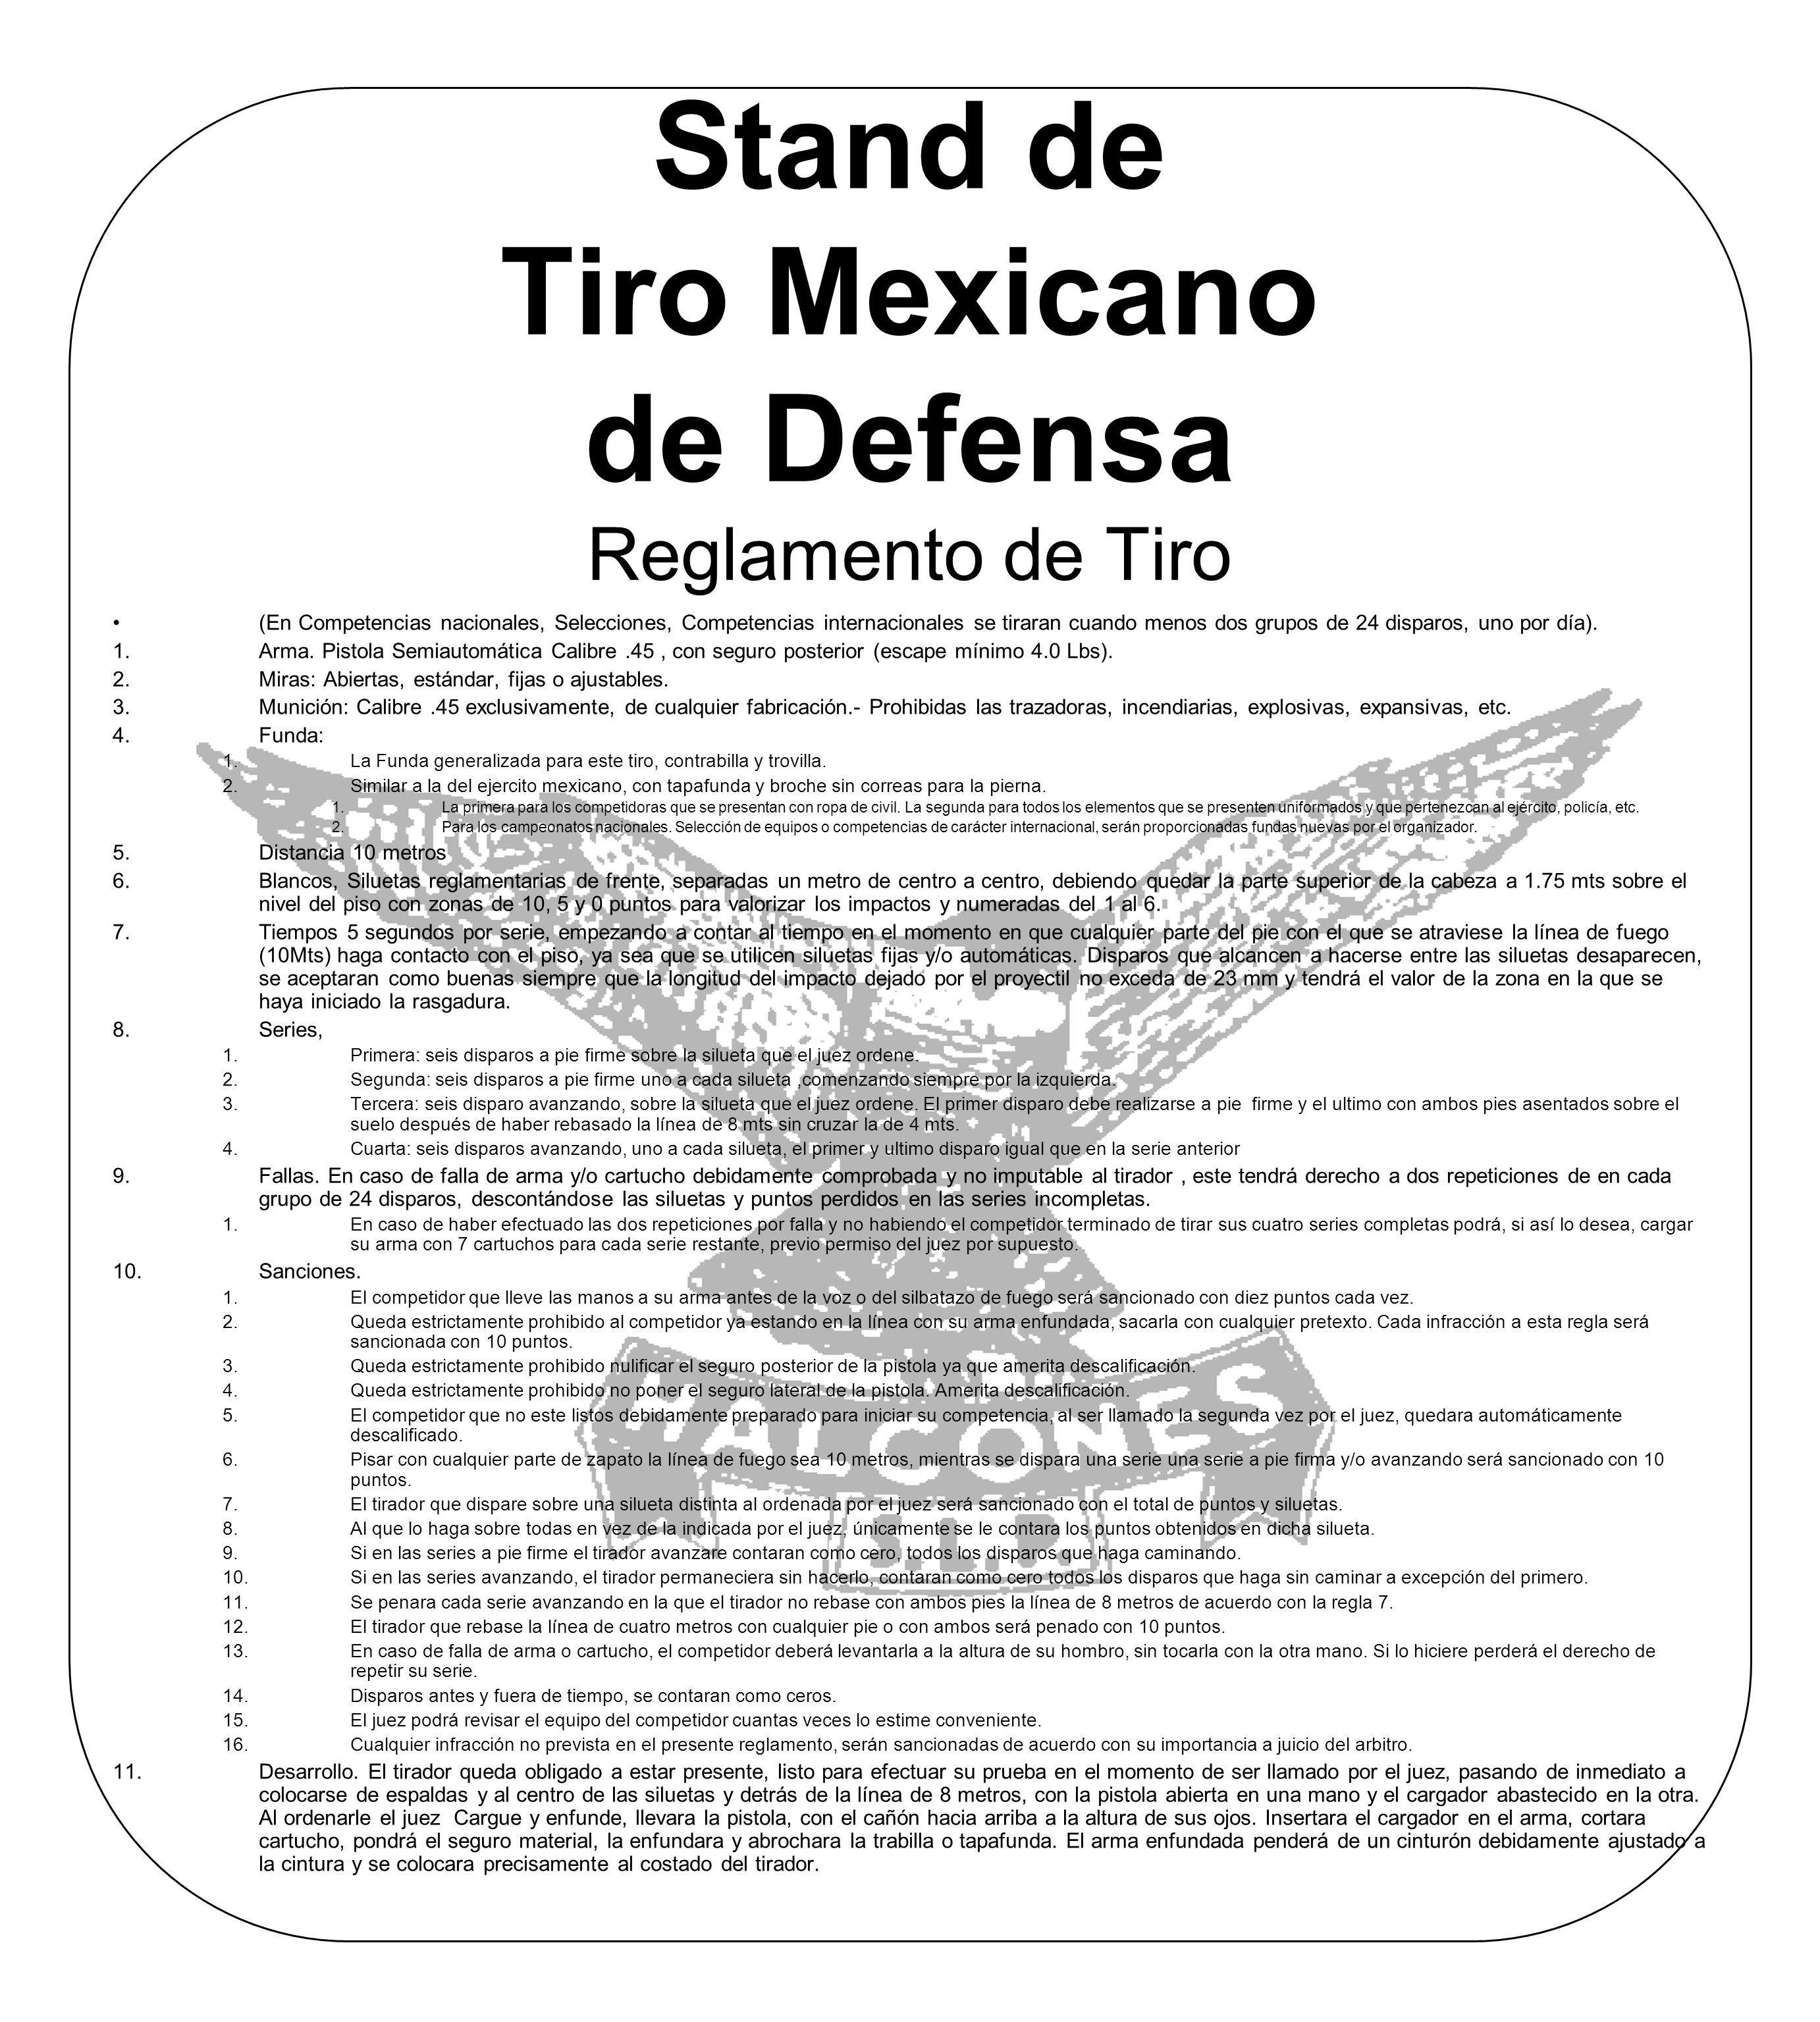 Stand de Tiro Mexicano de Defensa Reglamento de Tiro